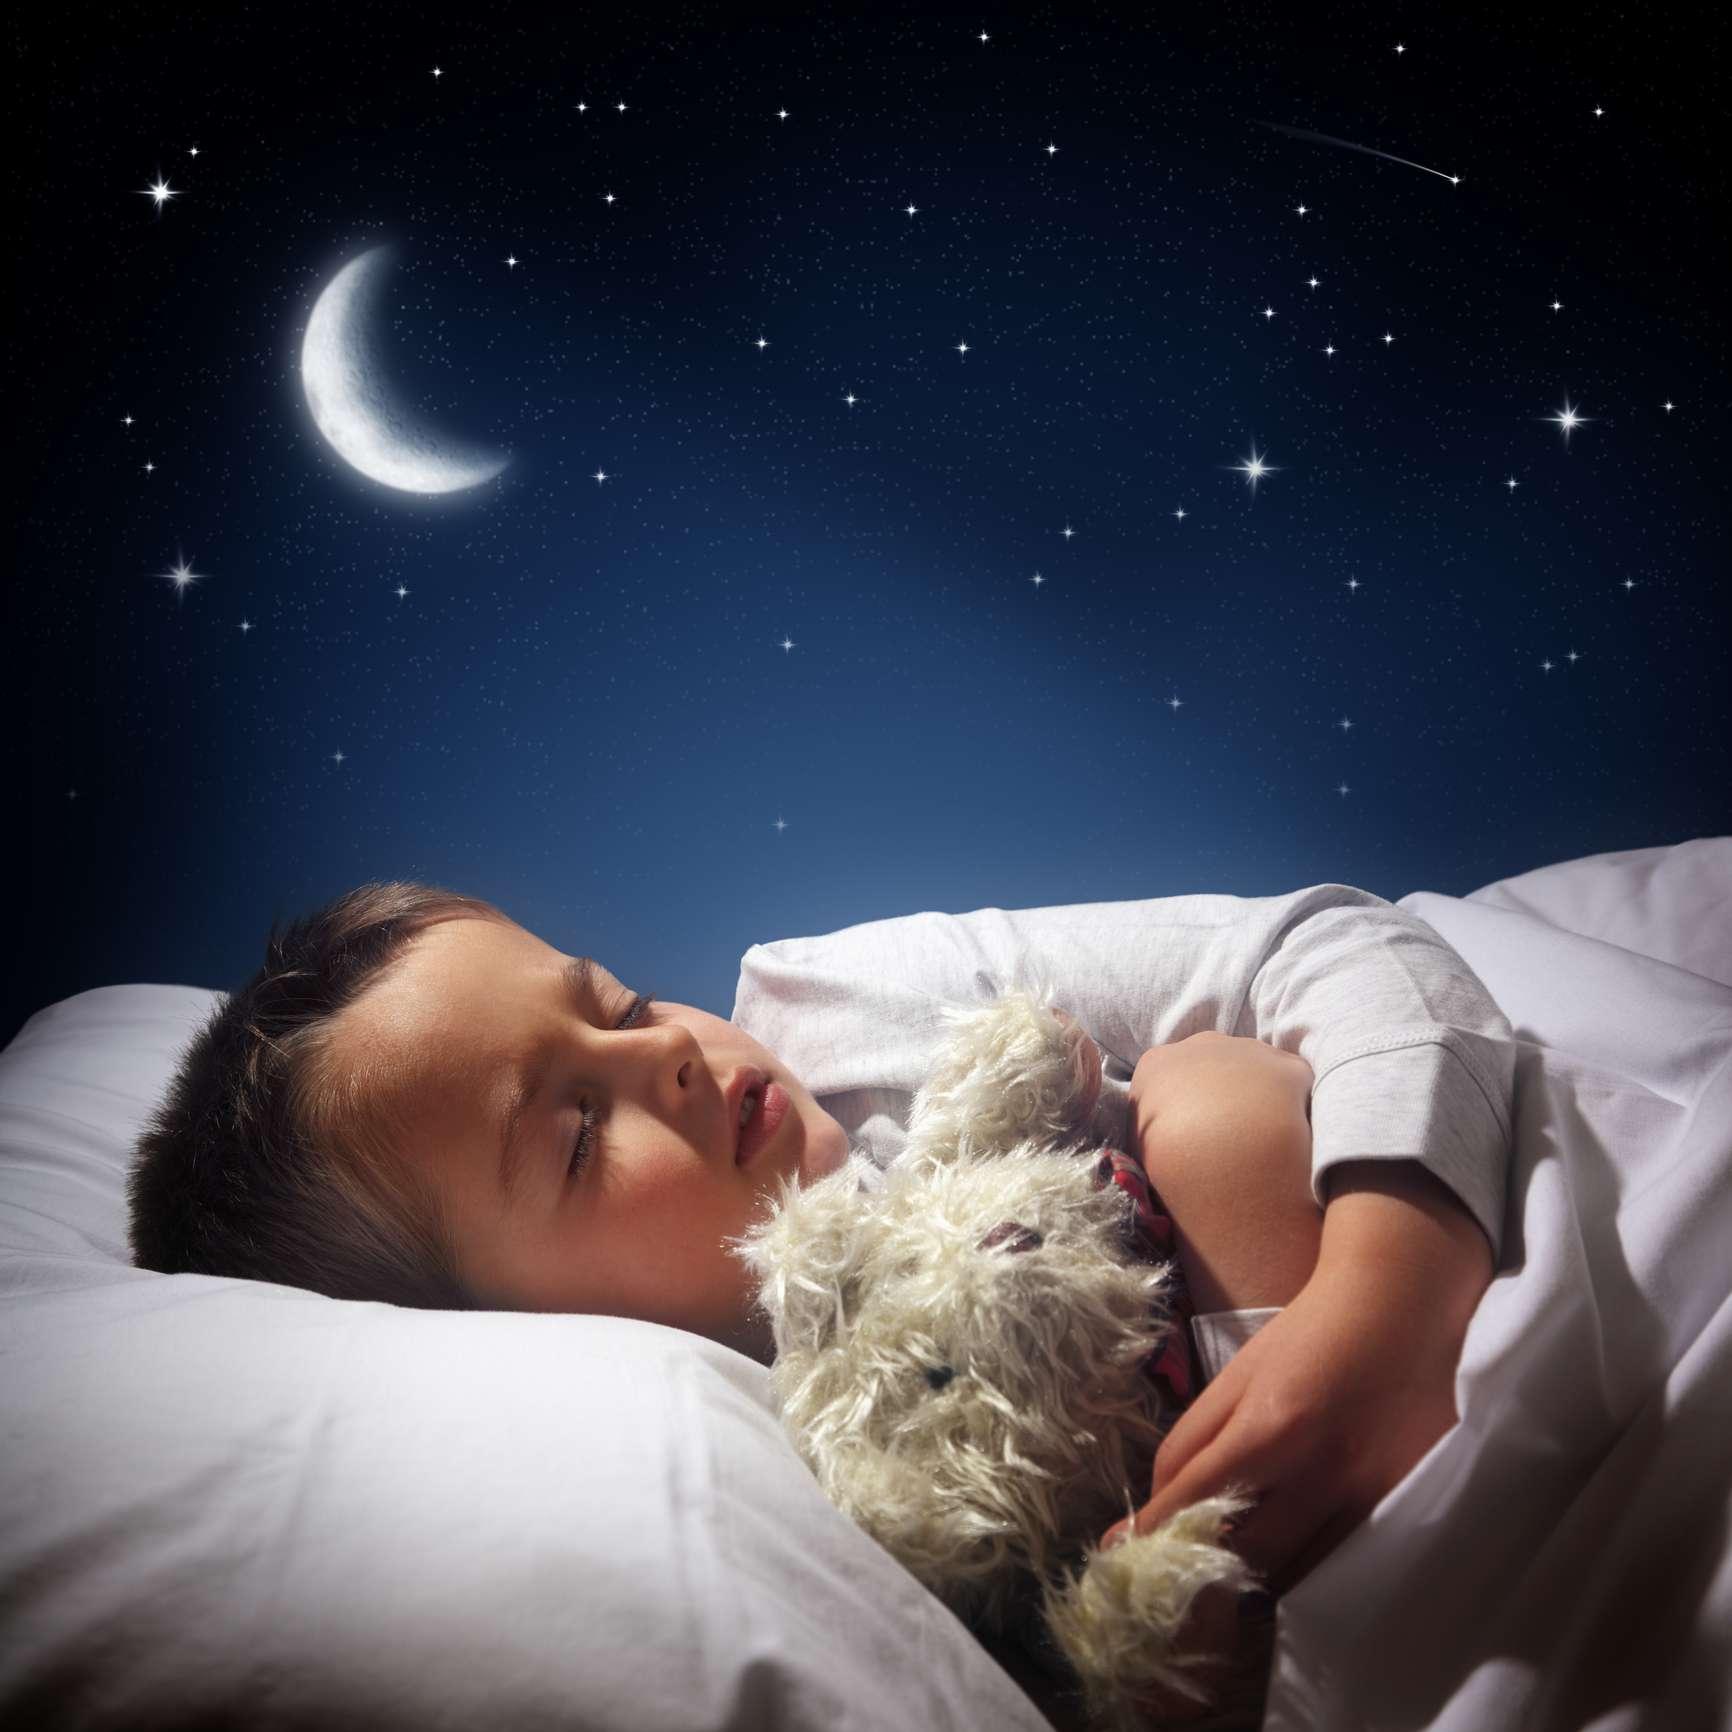 Boy sleeping with stuffed animal